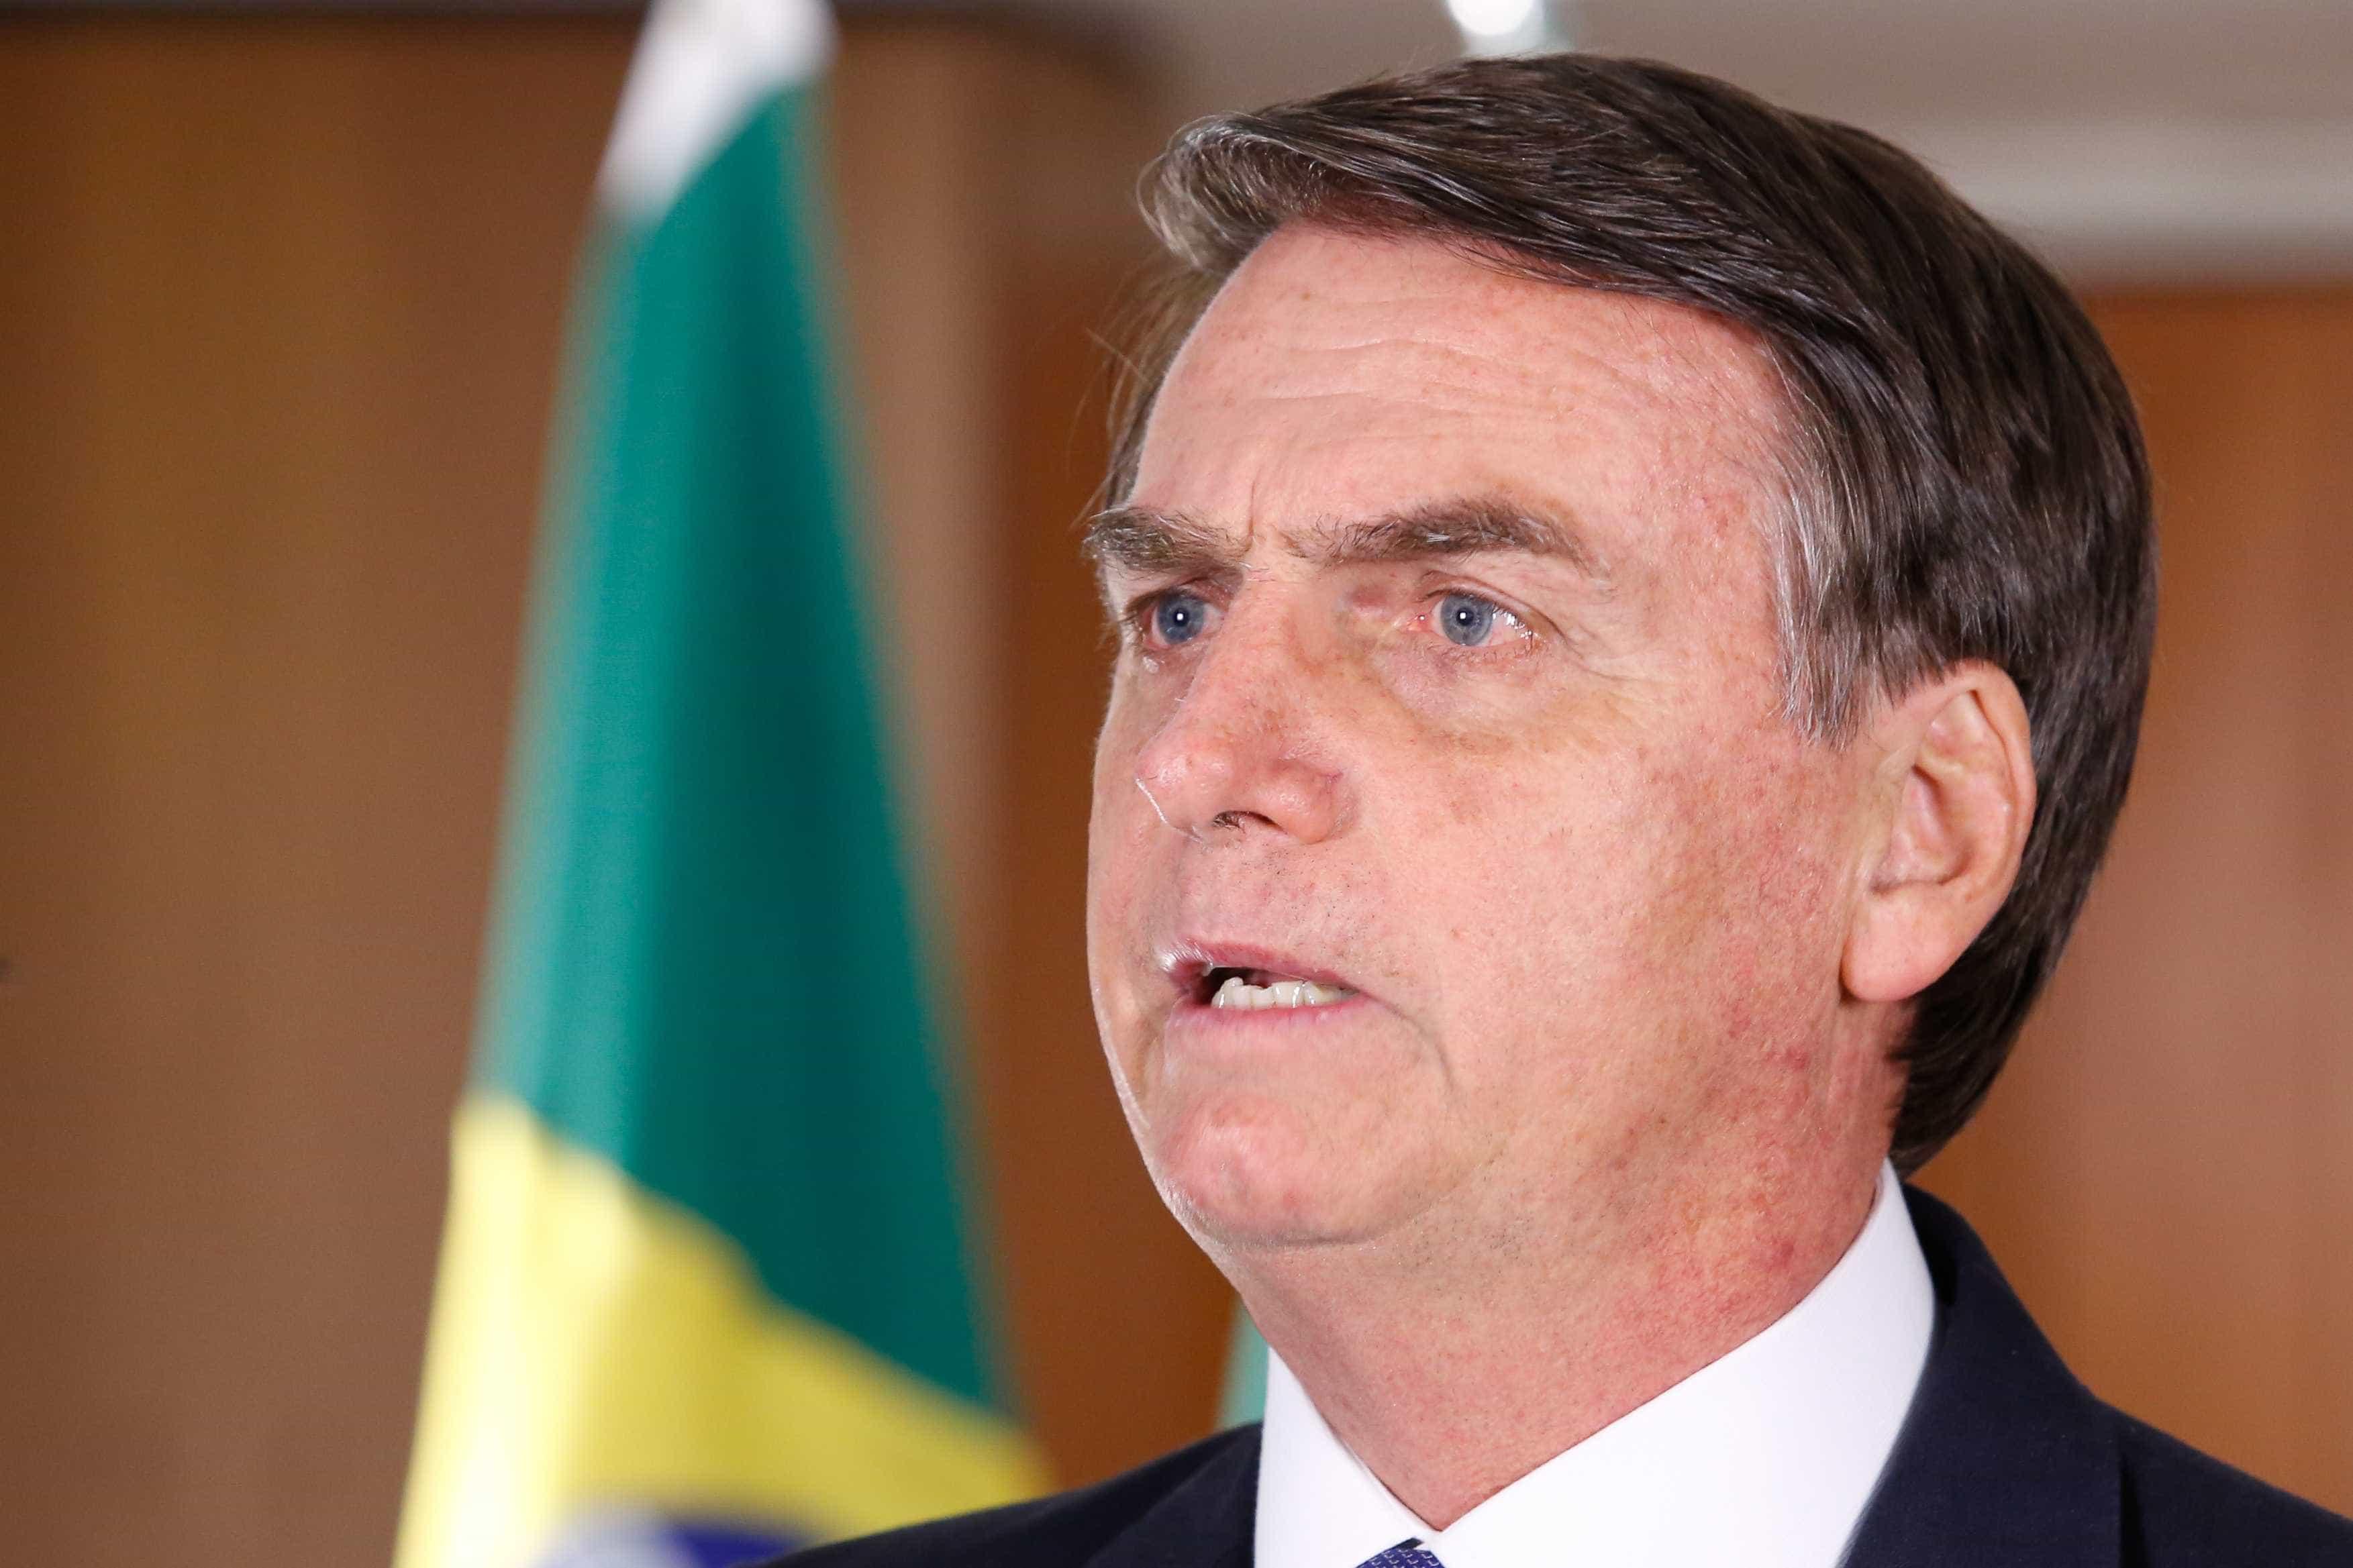 Em discurso a ruralistas, Bolsonaro diz que país crescerá com reforma